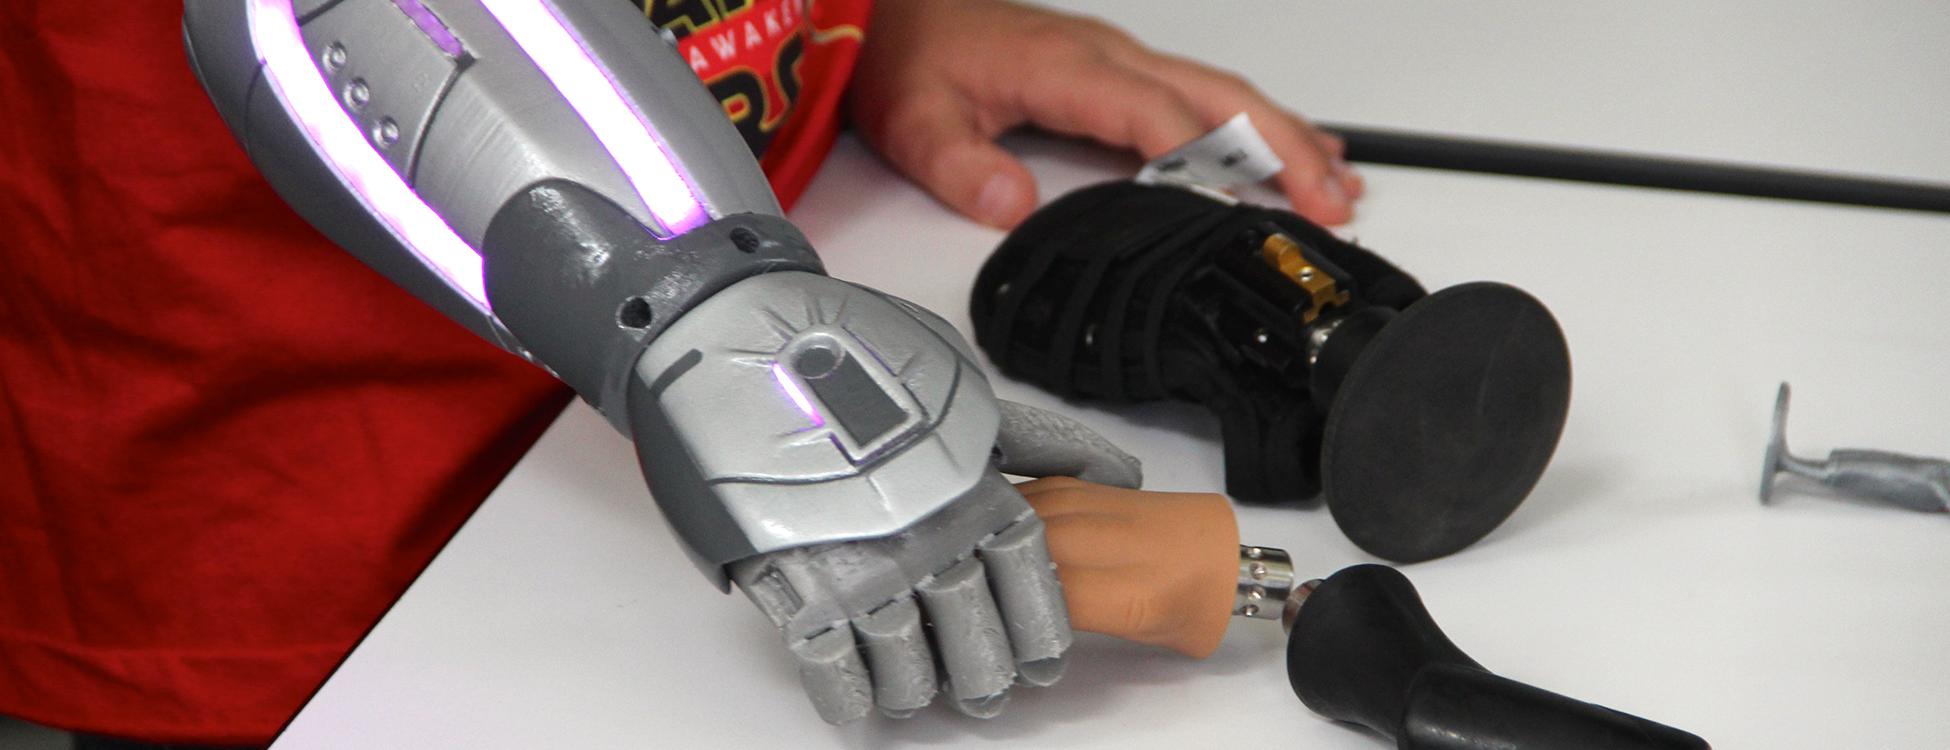 Des prothèses bioniques offertes à 10 enfants britanniques